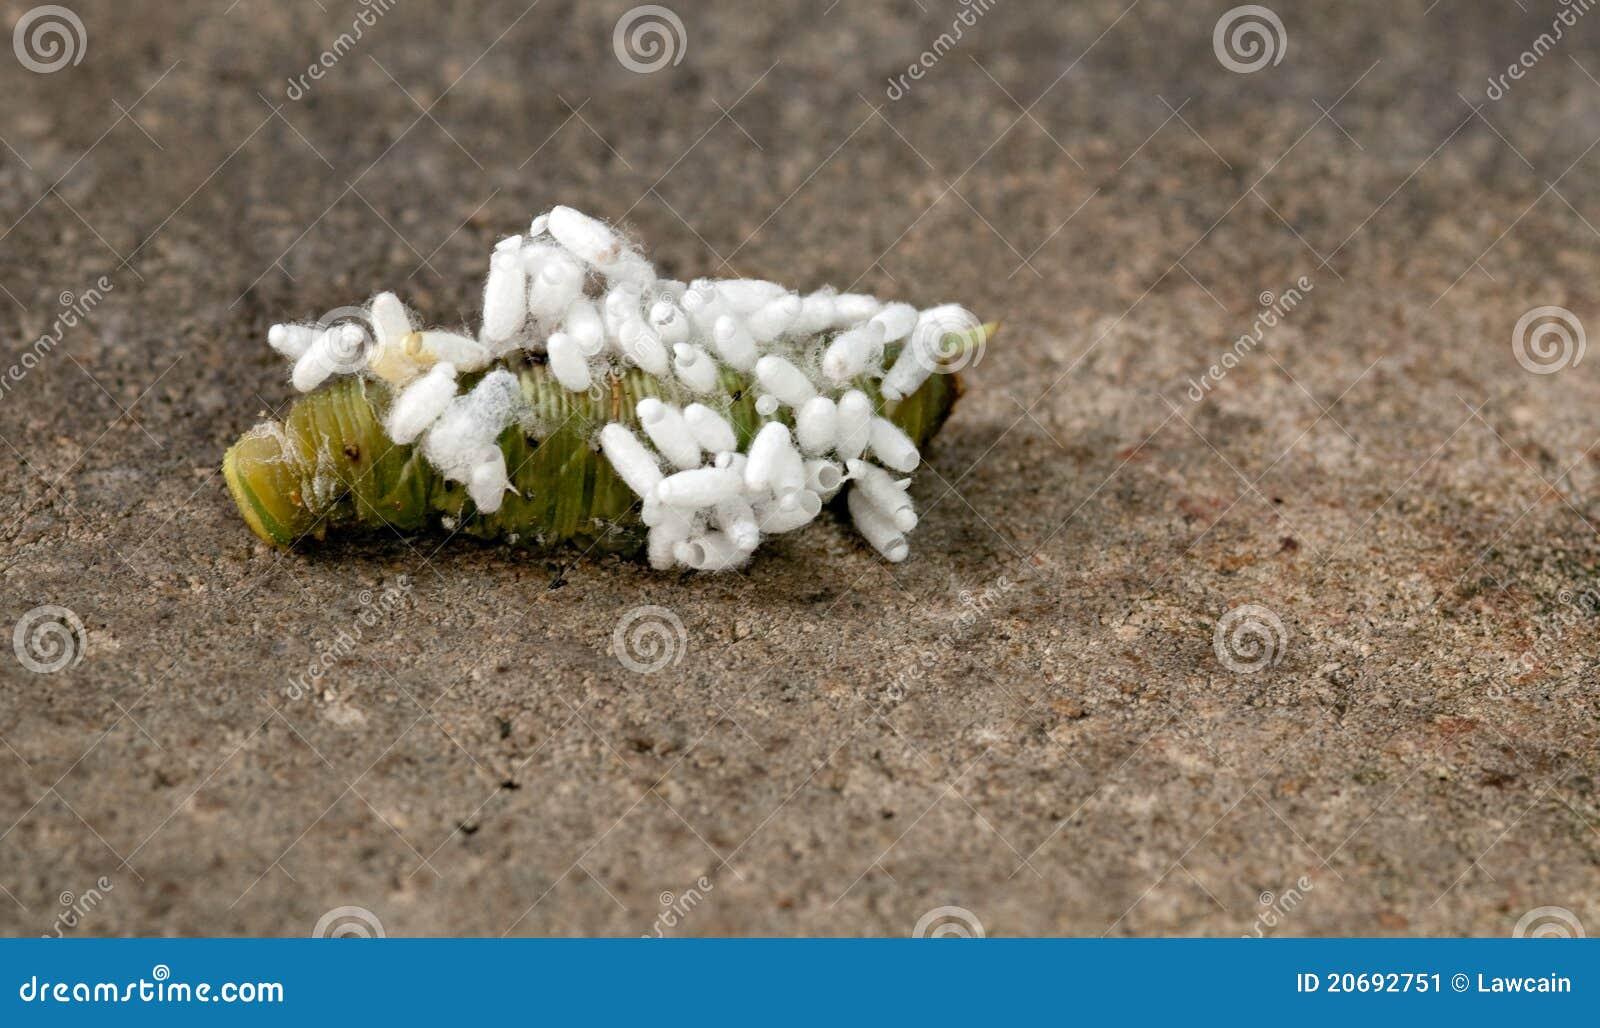 De Wesp van Braconid op Tomaat Hornworm